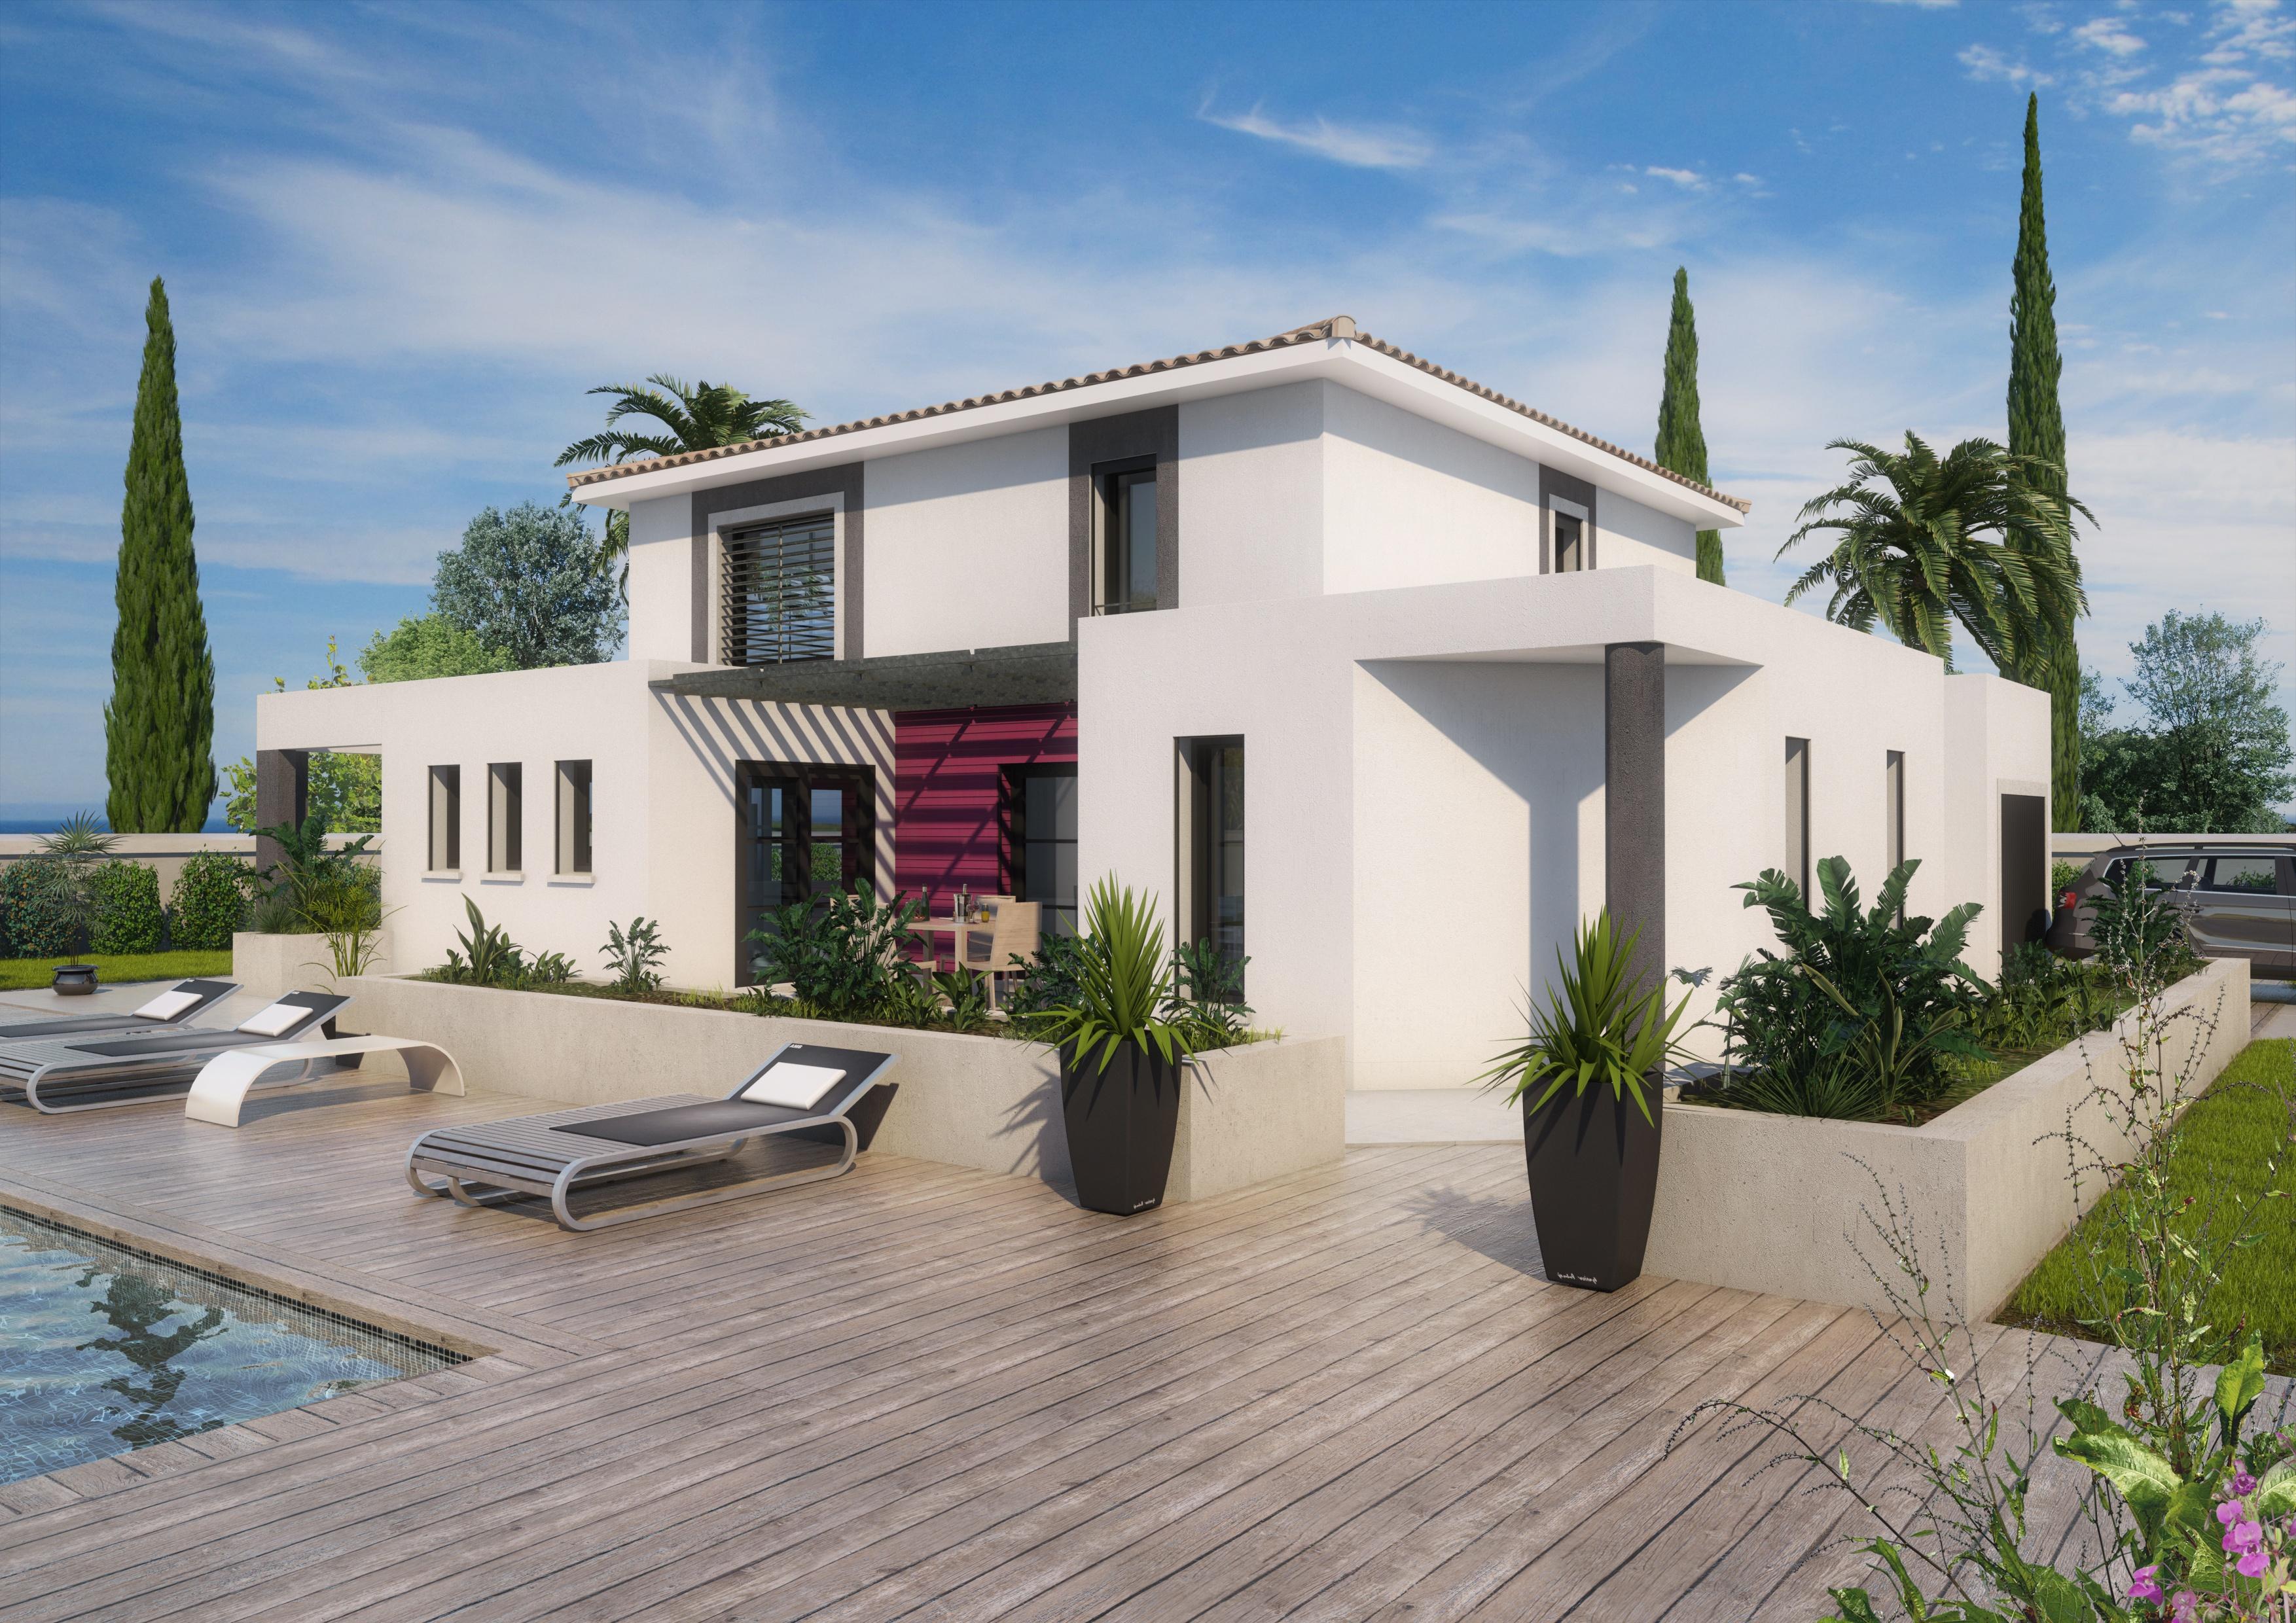 Maisons + Terrains du constructeur ART ET TRADITION MEDITERRANEE • 150 m² • ROBION